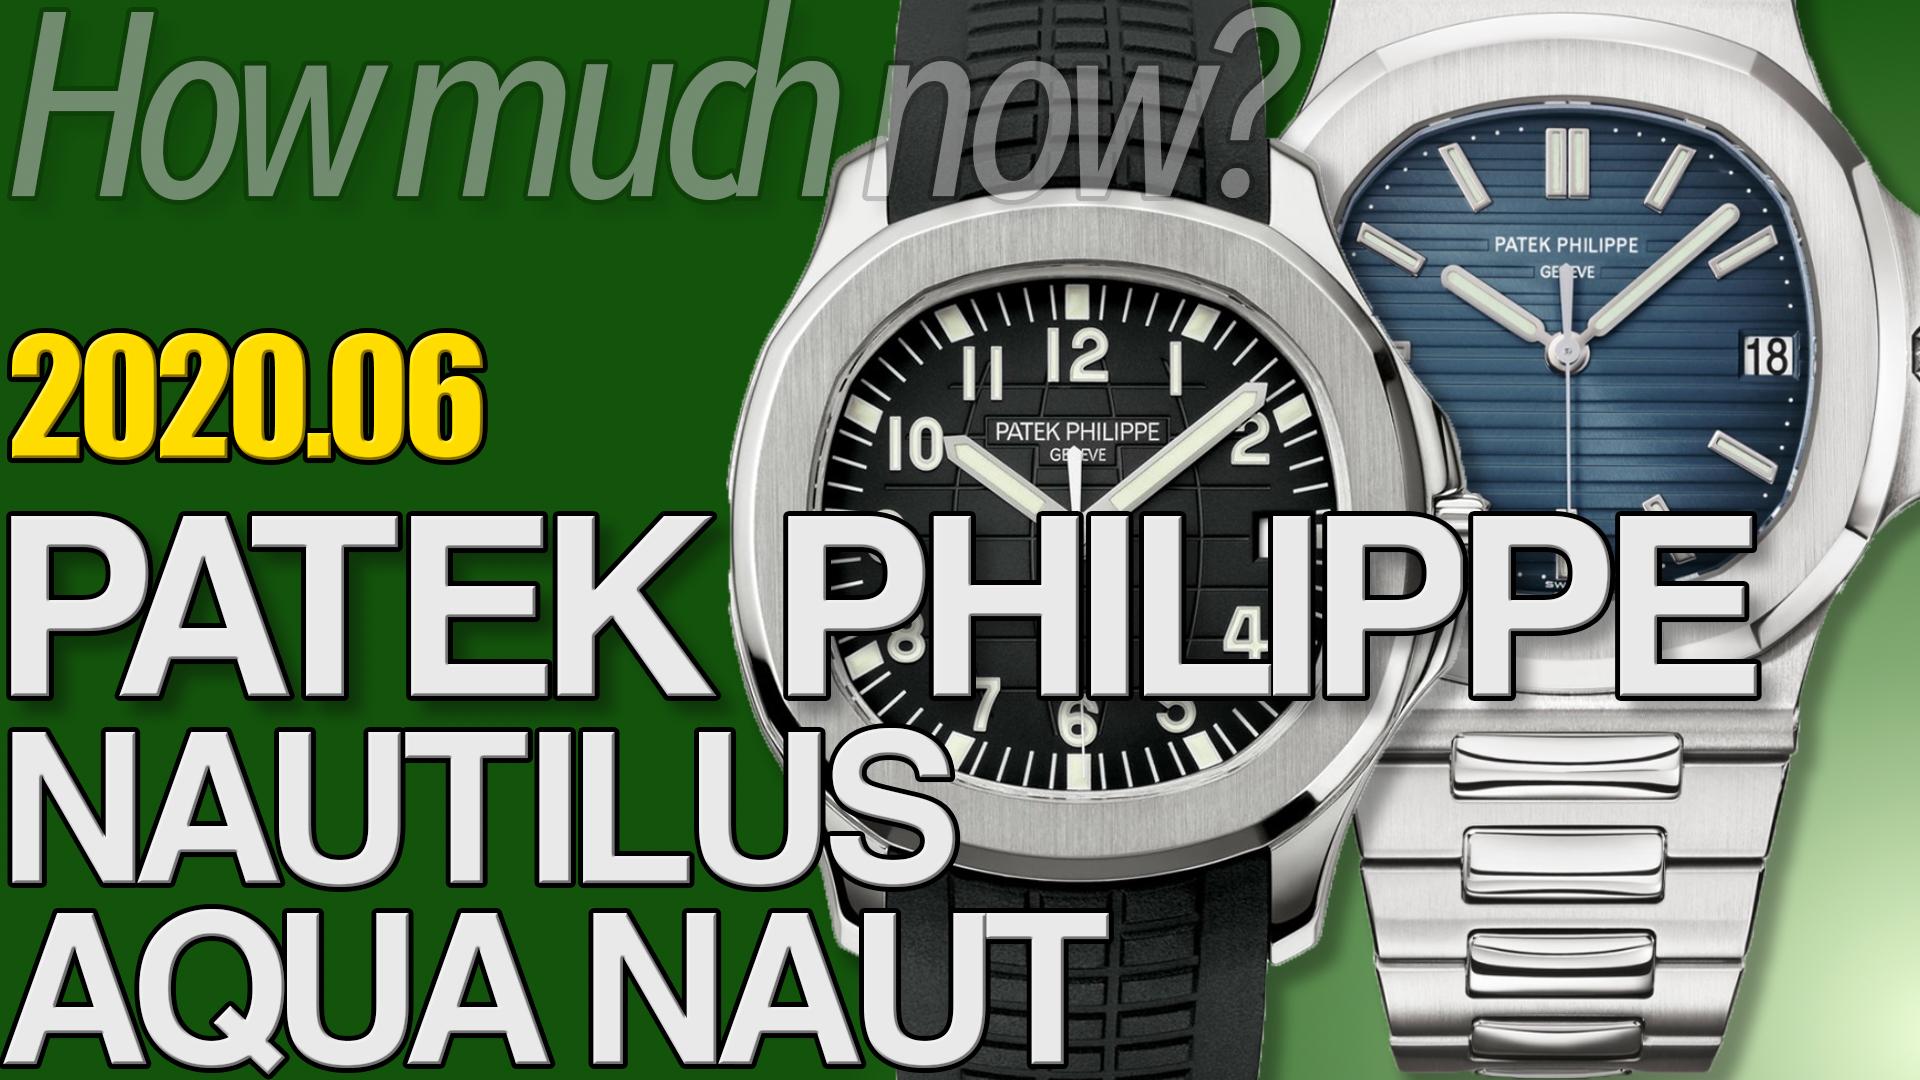 ノーチラス、アクアノート 買取相場まとめ 2020年6月版 |パテック・フィリップ時計の価格情報